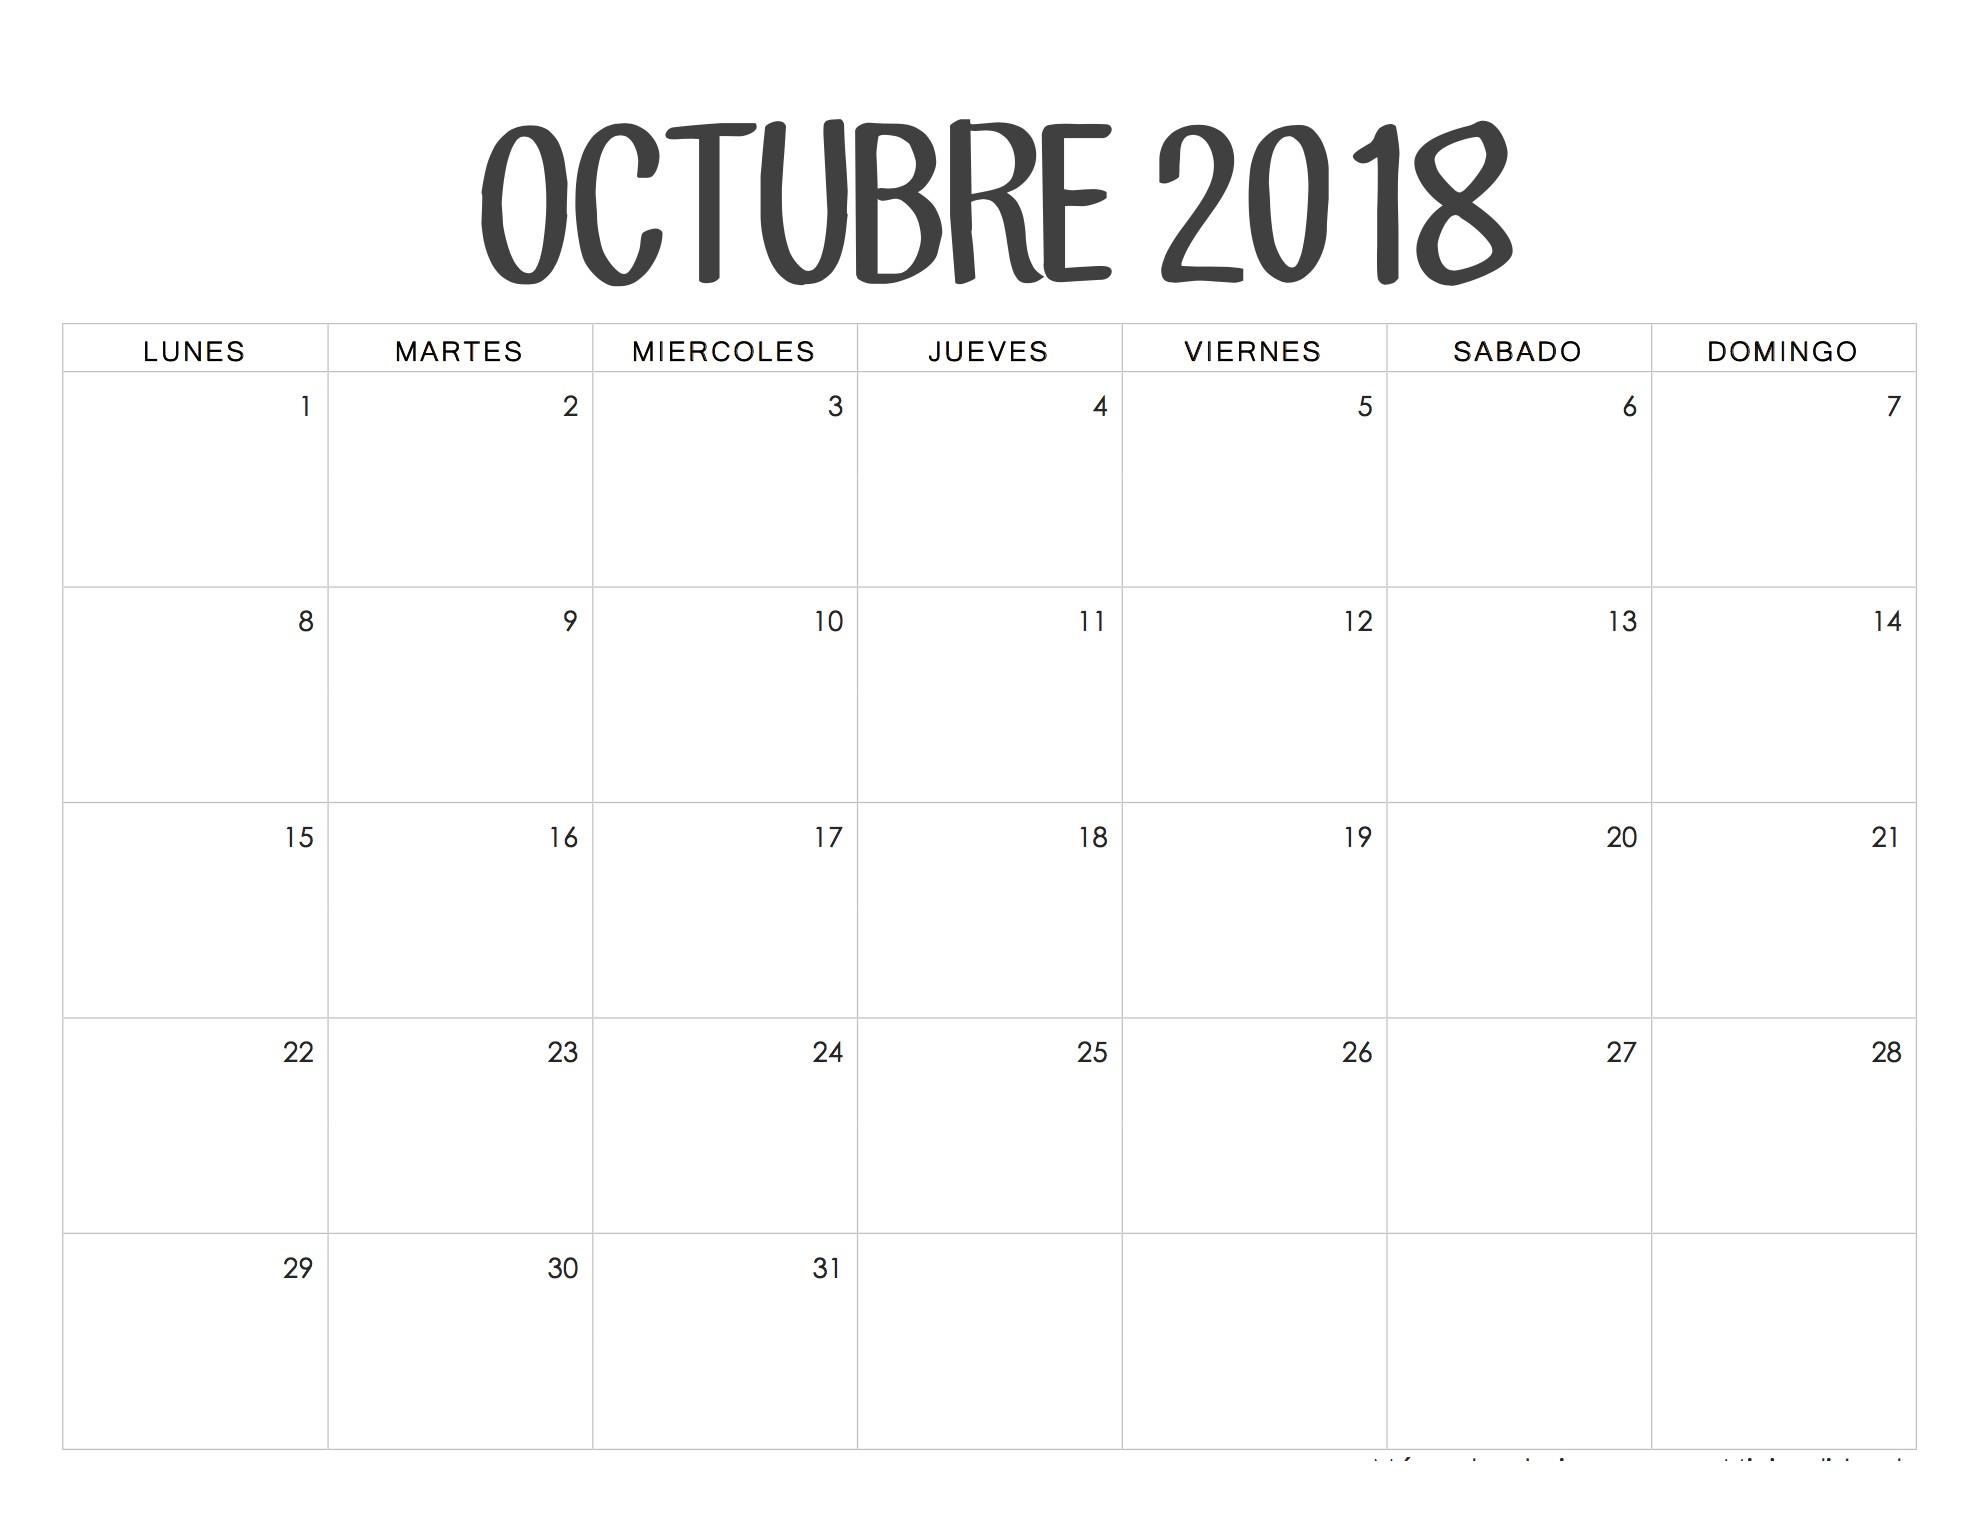 Calendarios 2019 Para Imprimir Blanco Y Negro Actual Calendario Octubre 2018 Chile L Pinterest Of Calendarios 2019 Para Imprimir Blanco Y Negro Actual Más De 50 Cartas Para Enviar A Los Reyes Para Imprimir Y Descargar